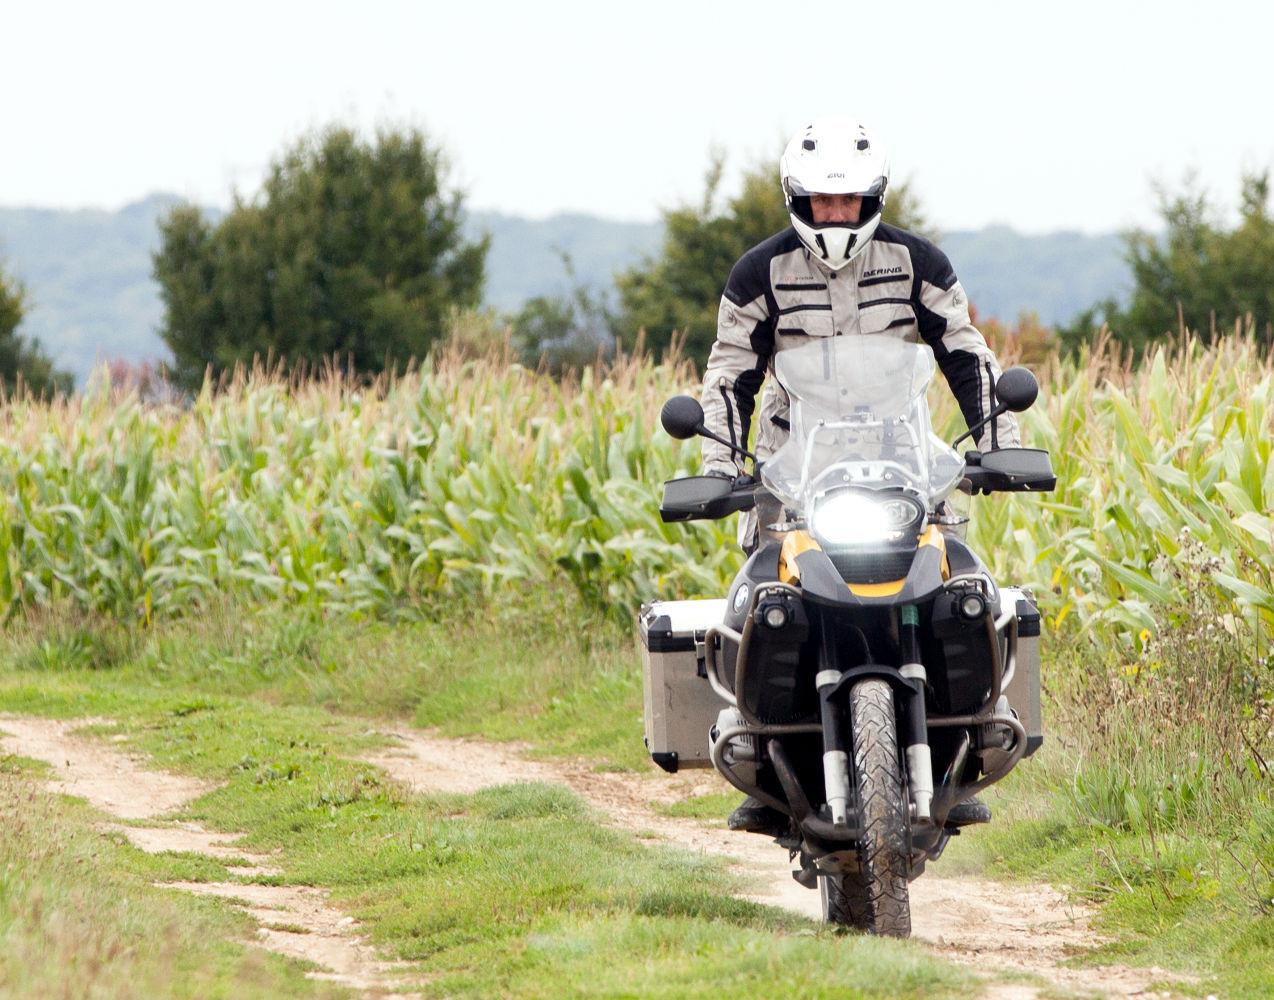 Un motard en balade sur sa moto